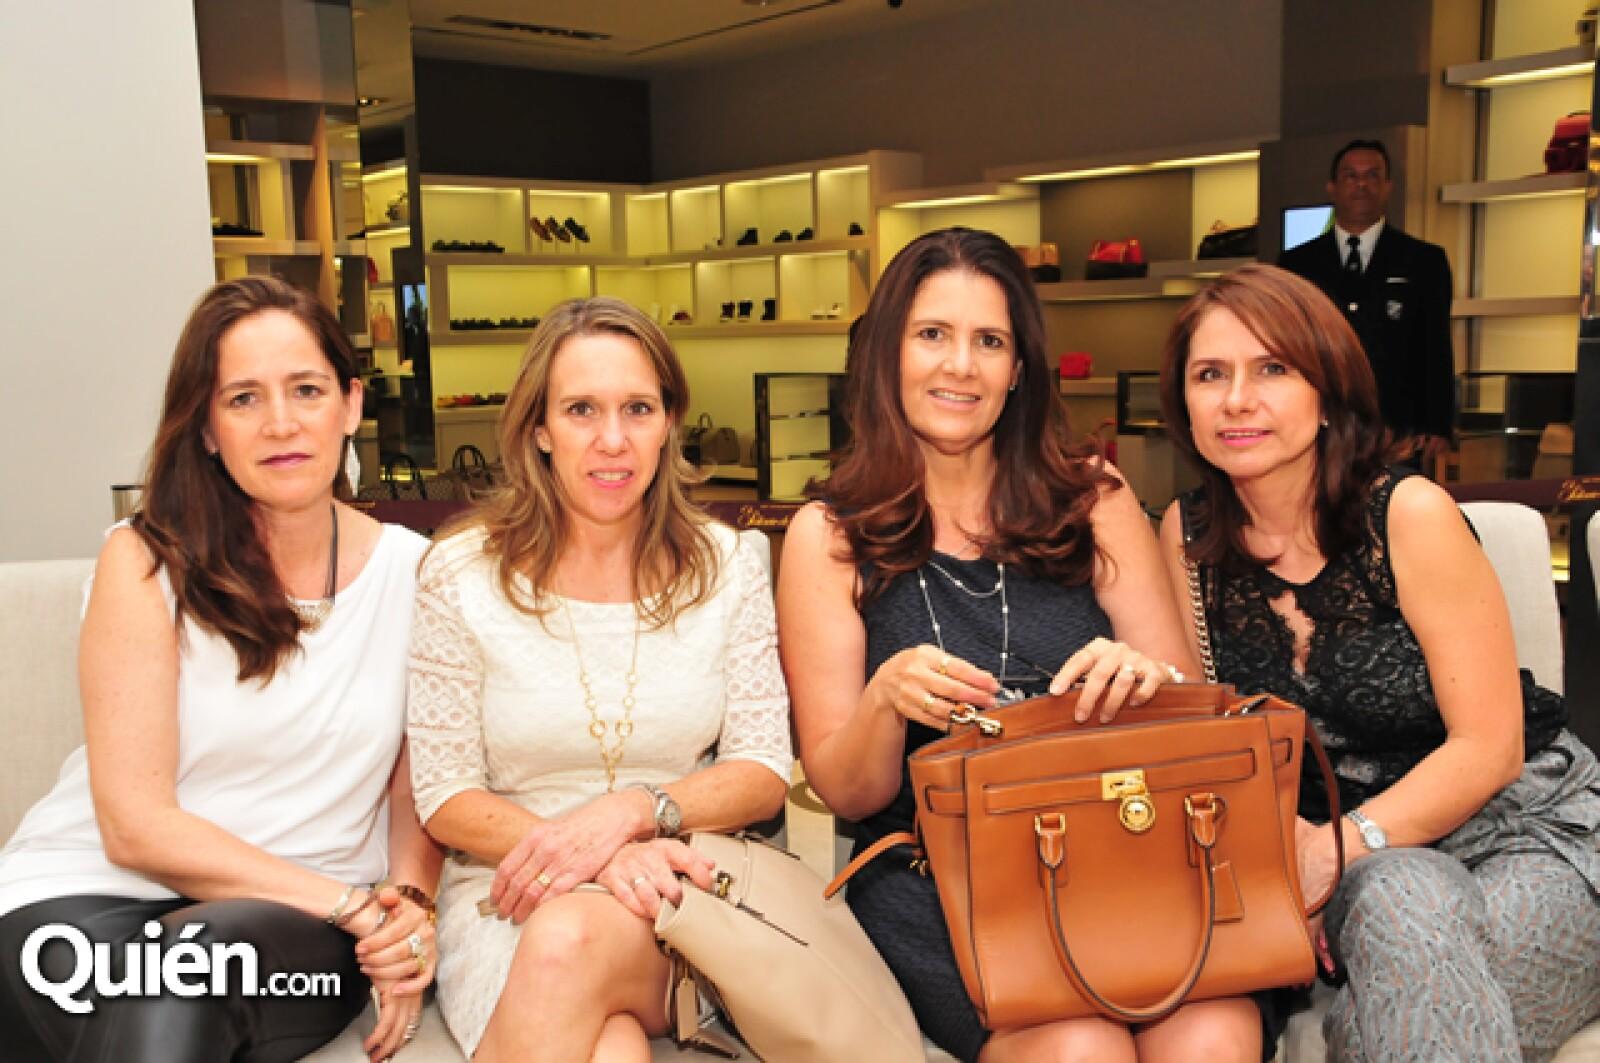 Ana María García,Monica Sánchez,Mónica Garcia y Elsy de Engalanda